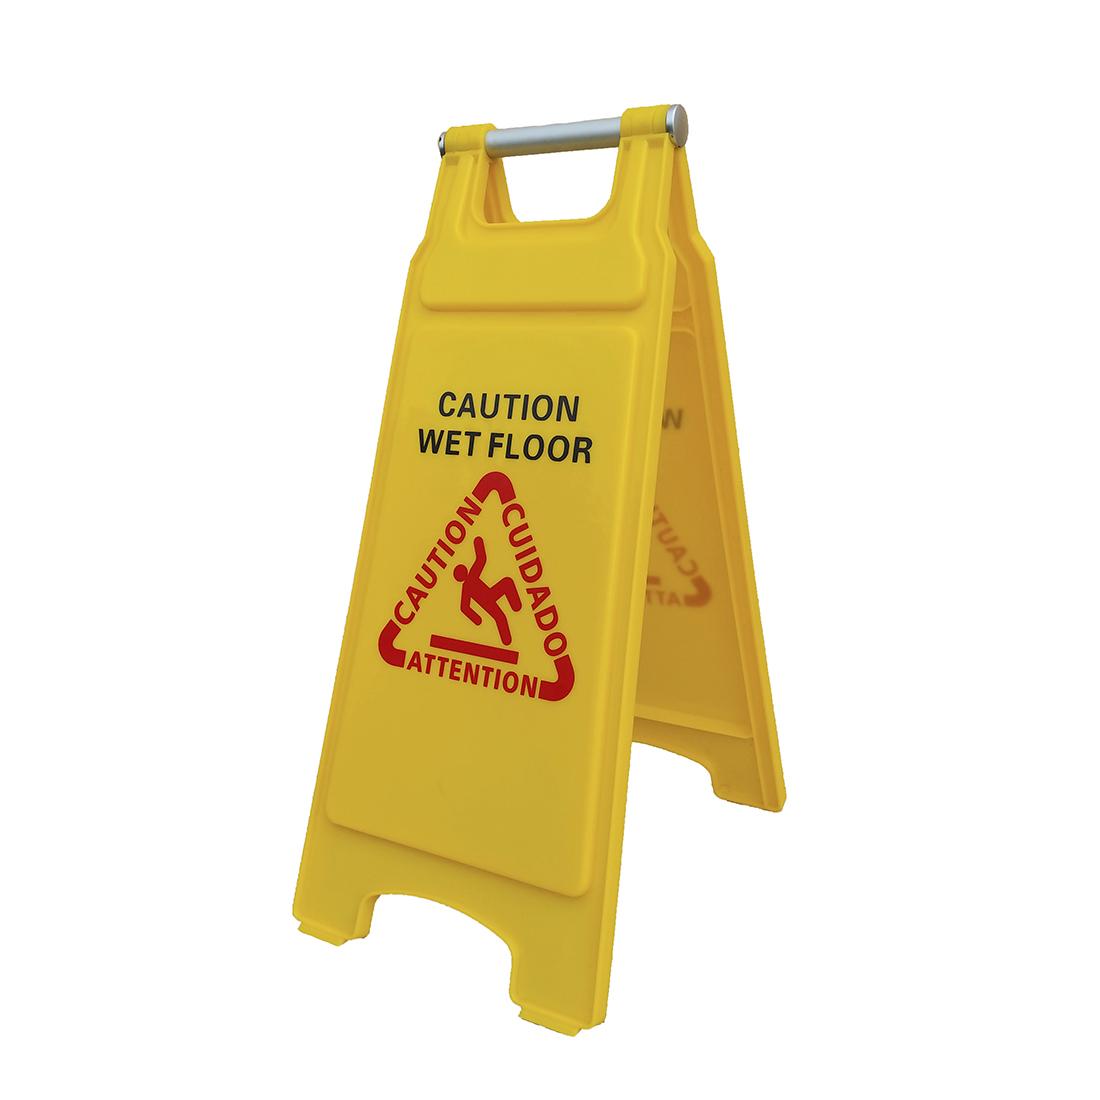 Cartello LUX Avviso di Pericolo pavimento bagnato con manico in alluminio (Wet Floor)